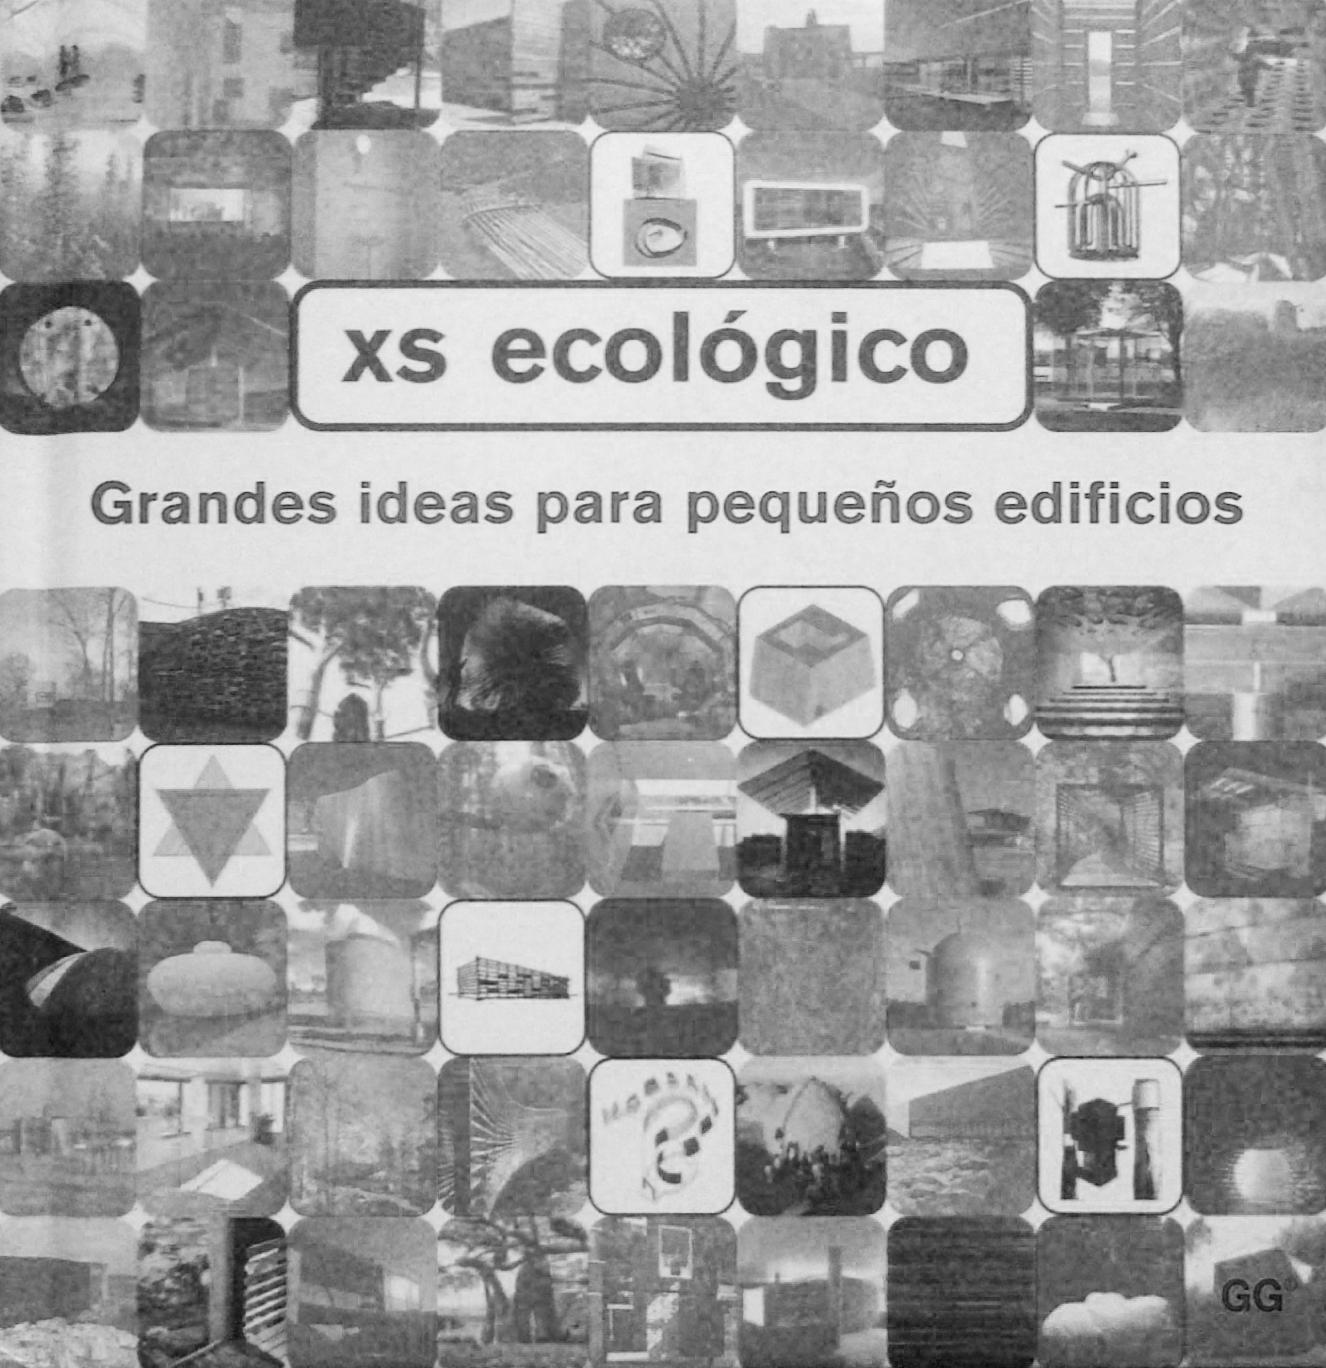 [ENC099] Xs ecológico